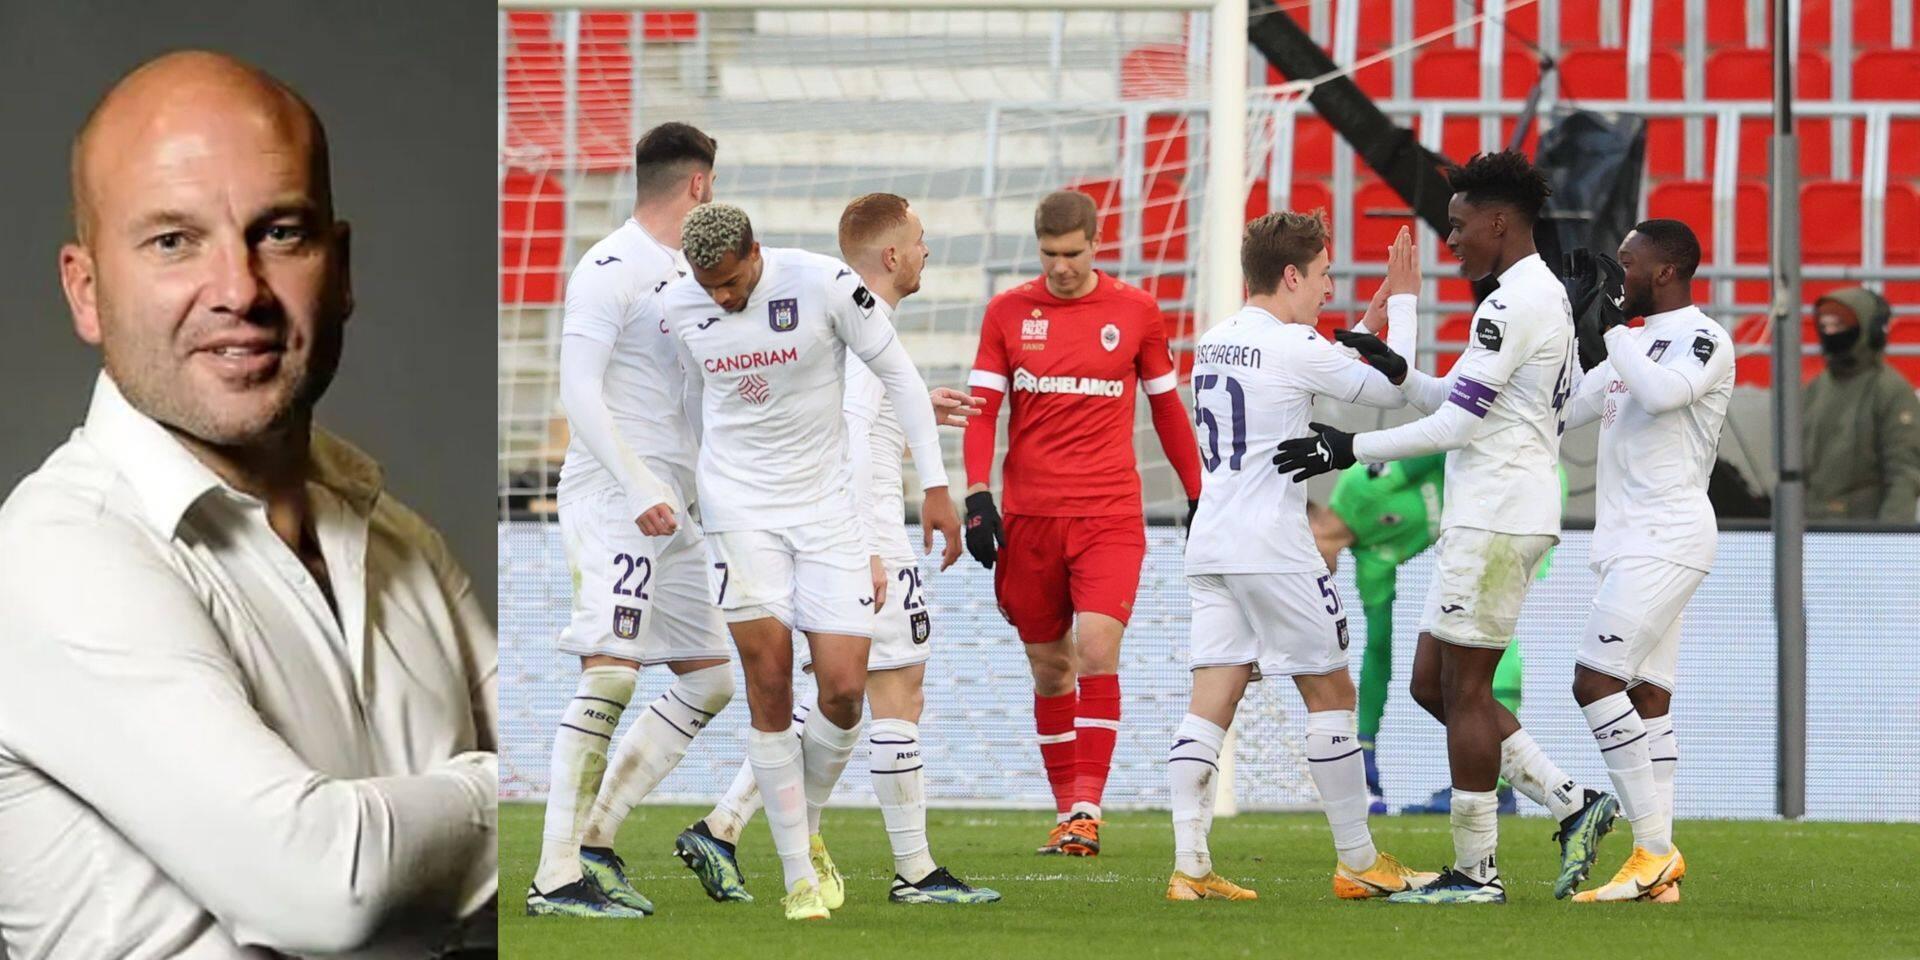 L'avis de l'expert: Quatre buts signés Neerpede face à l'Antwerp